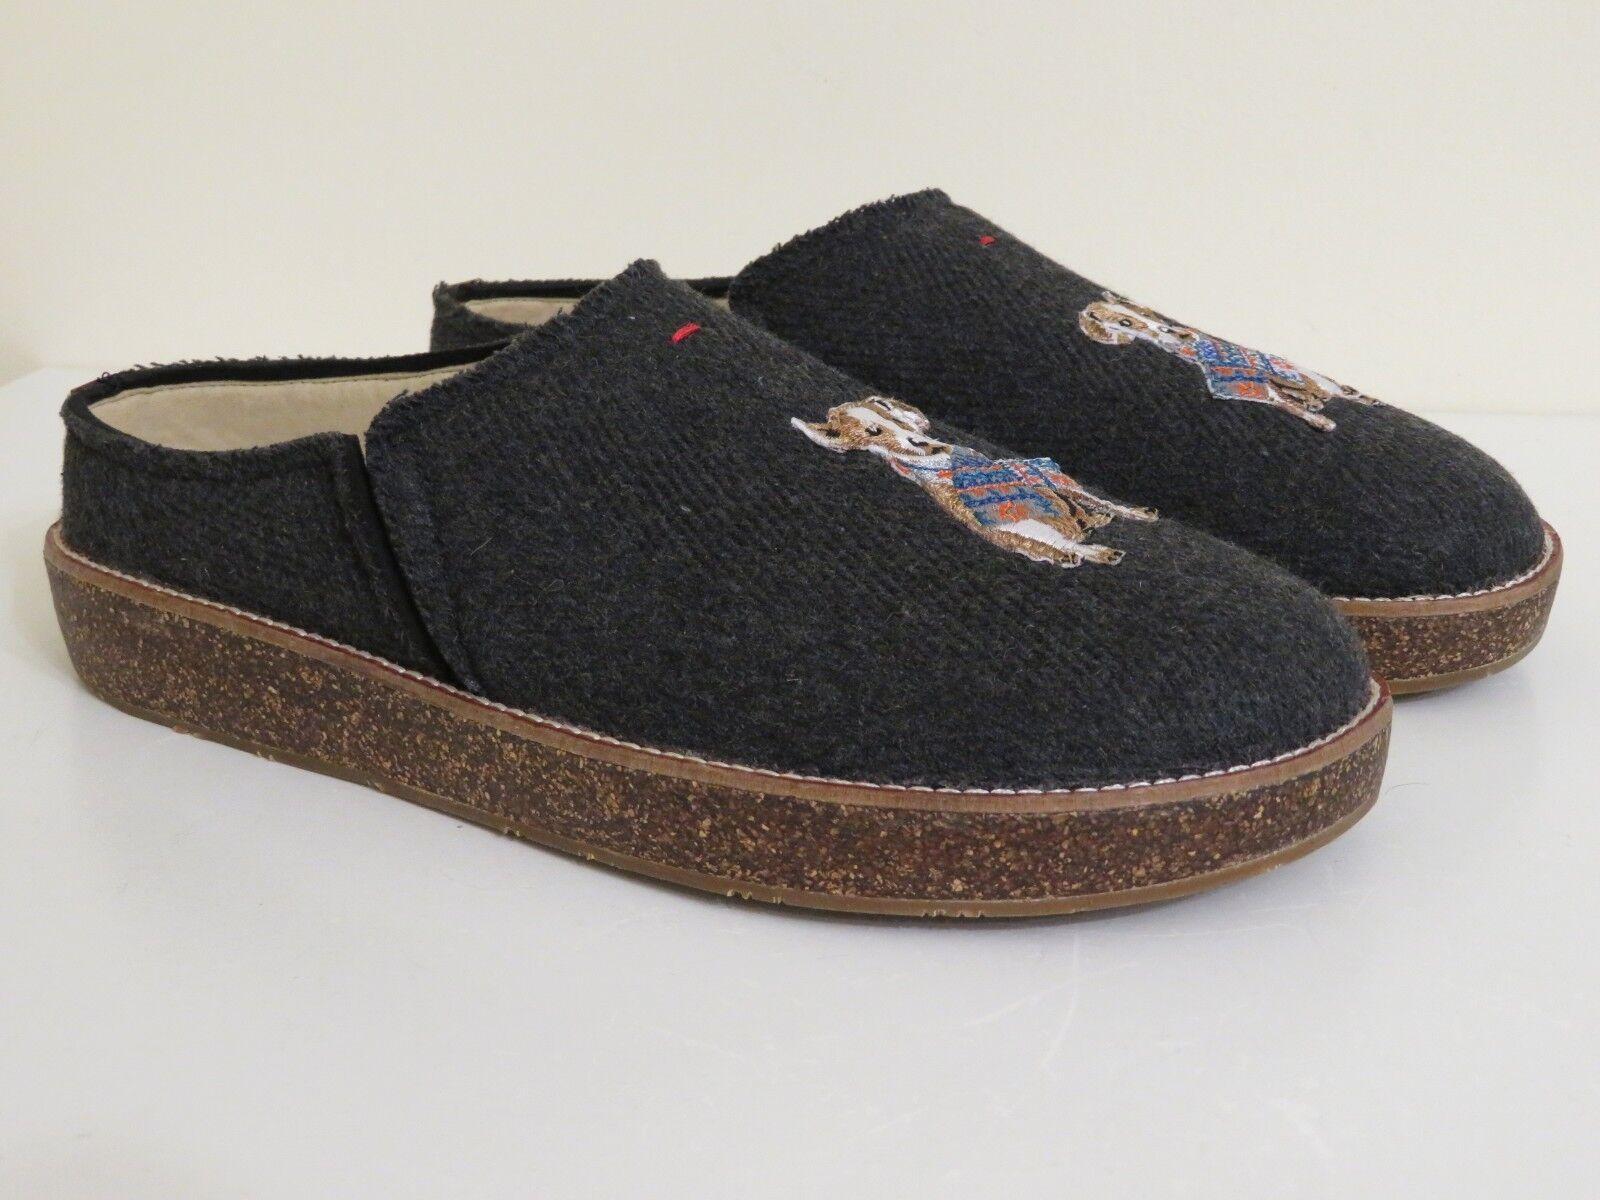 Edición Ellen DeGeneres Apliques Zapatillas Zapatos Tillie gris Perro Cachorro Cachorro Cachorro De Mujer 9 Nuevo  Hay más marcas de productos de alta calidad.